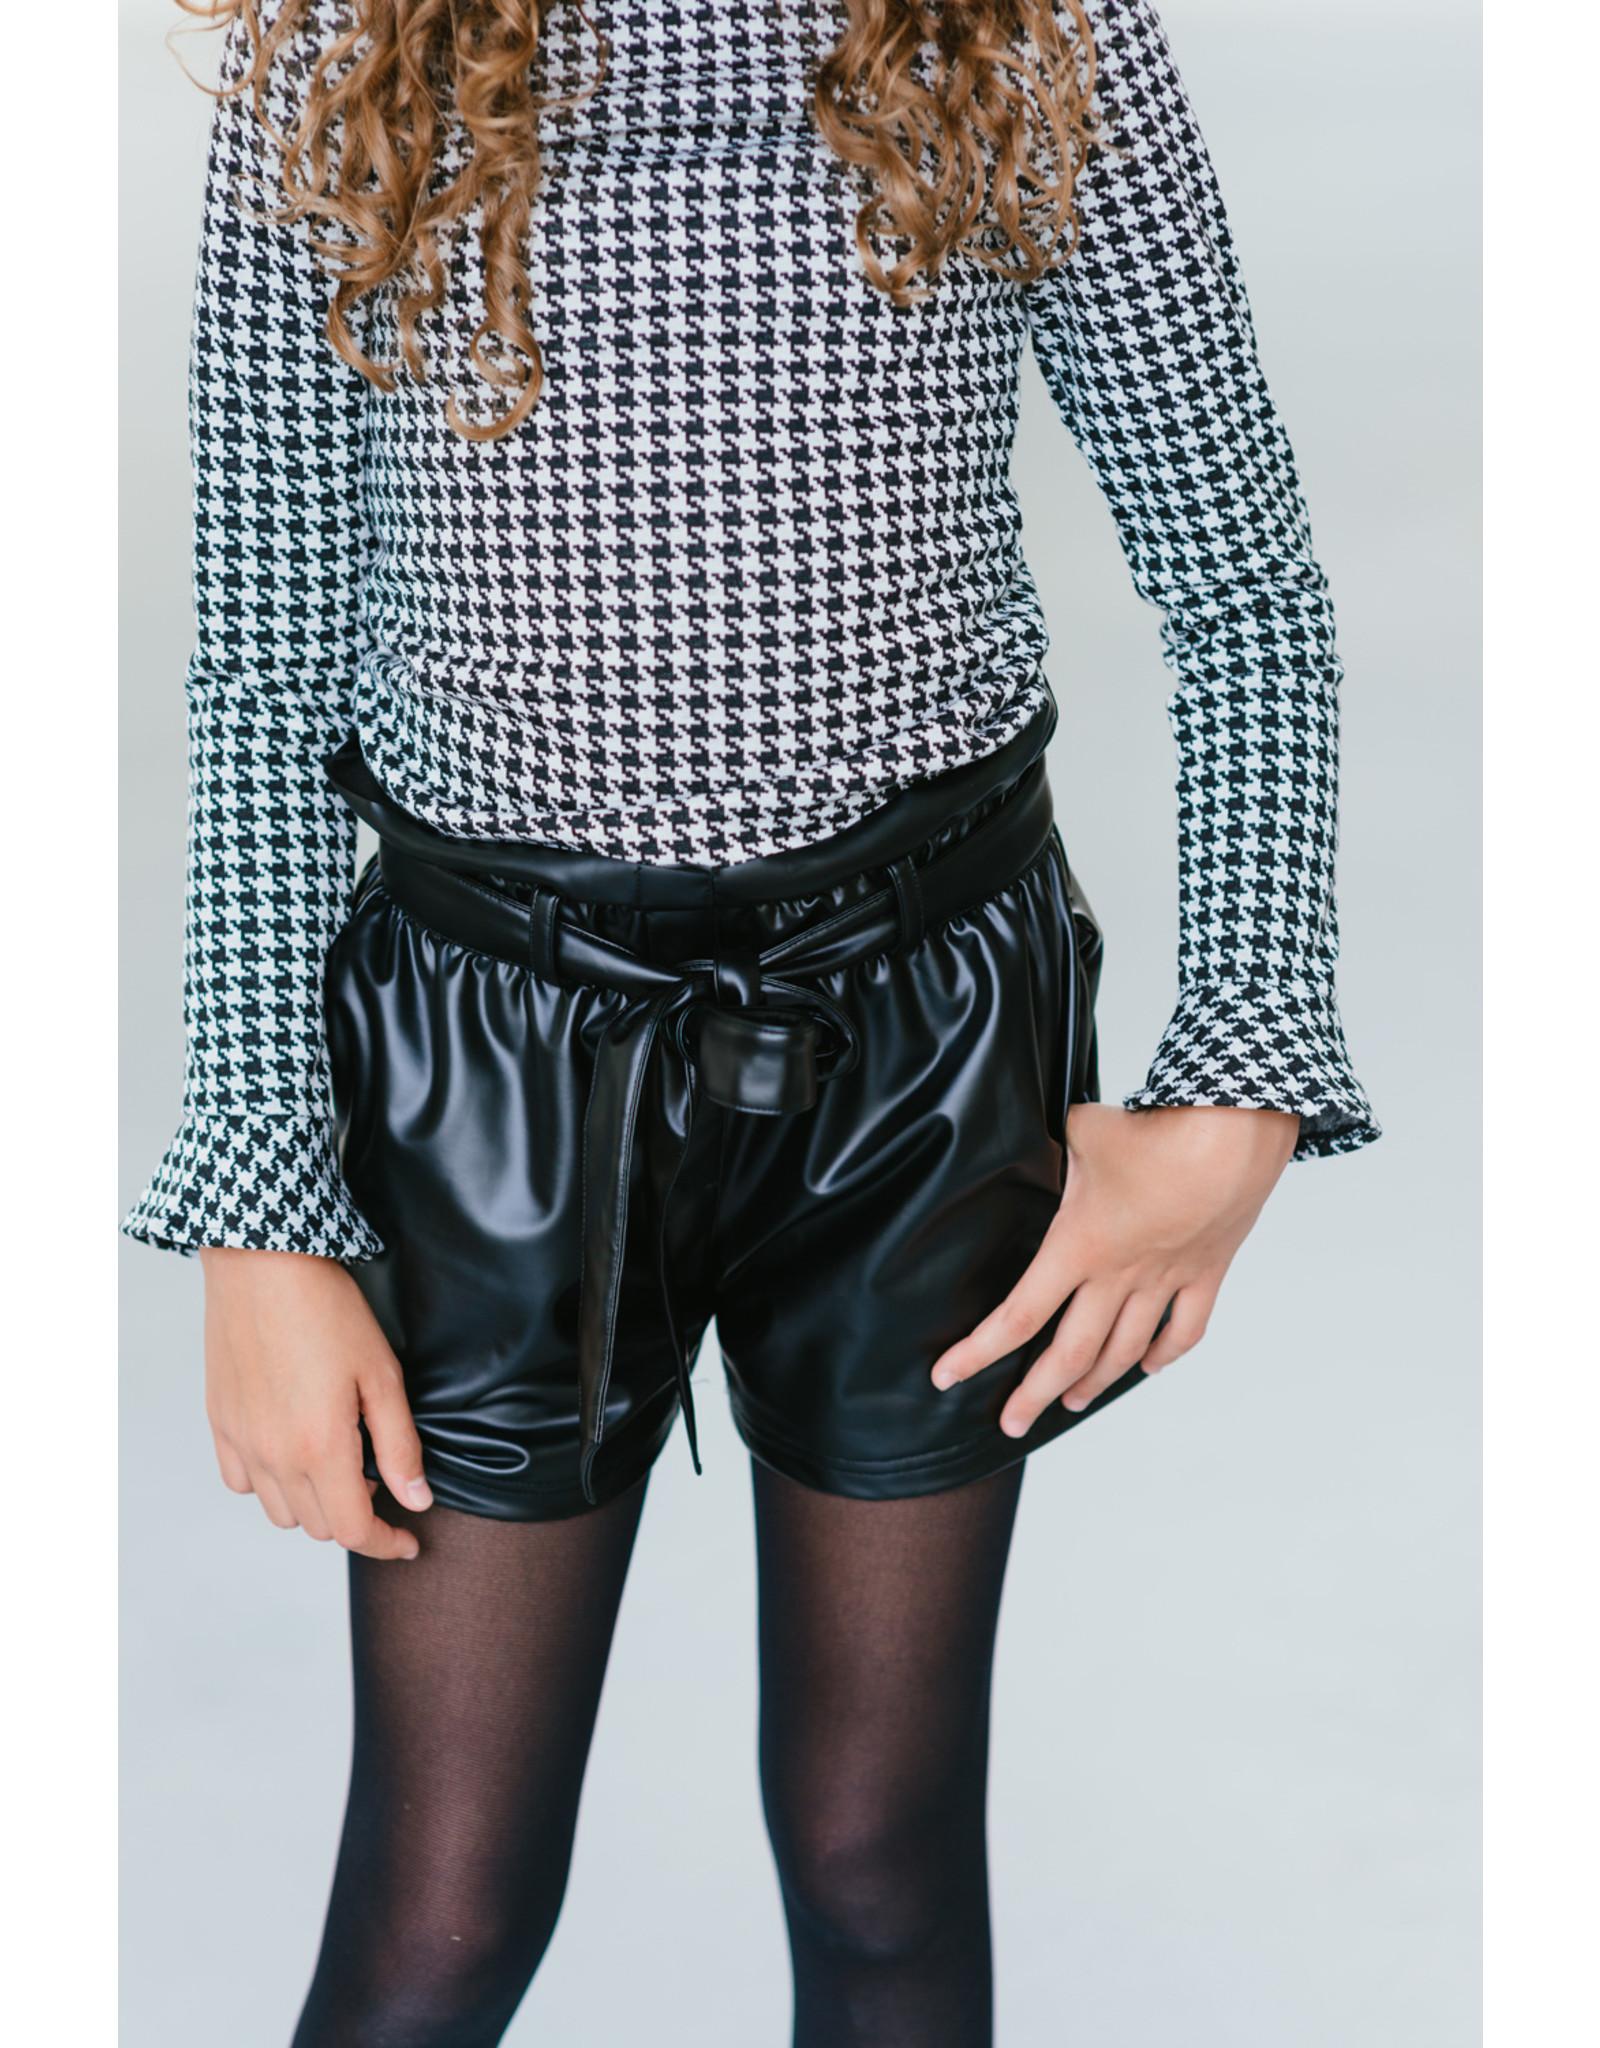 Topitm MissT short Zabel leather black